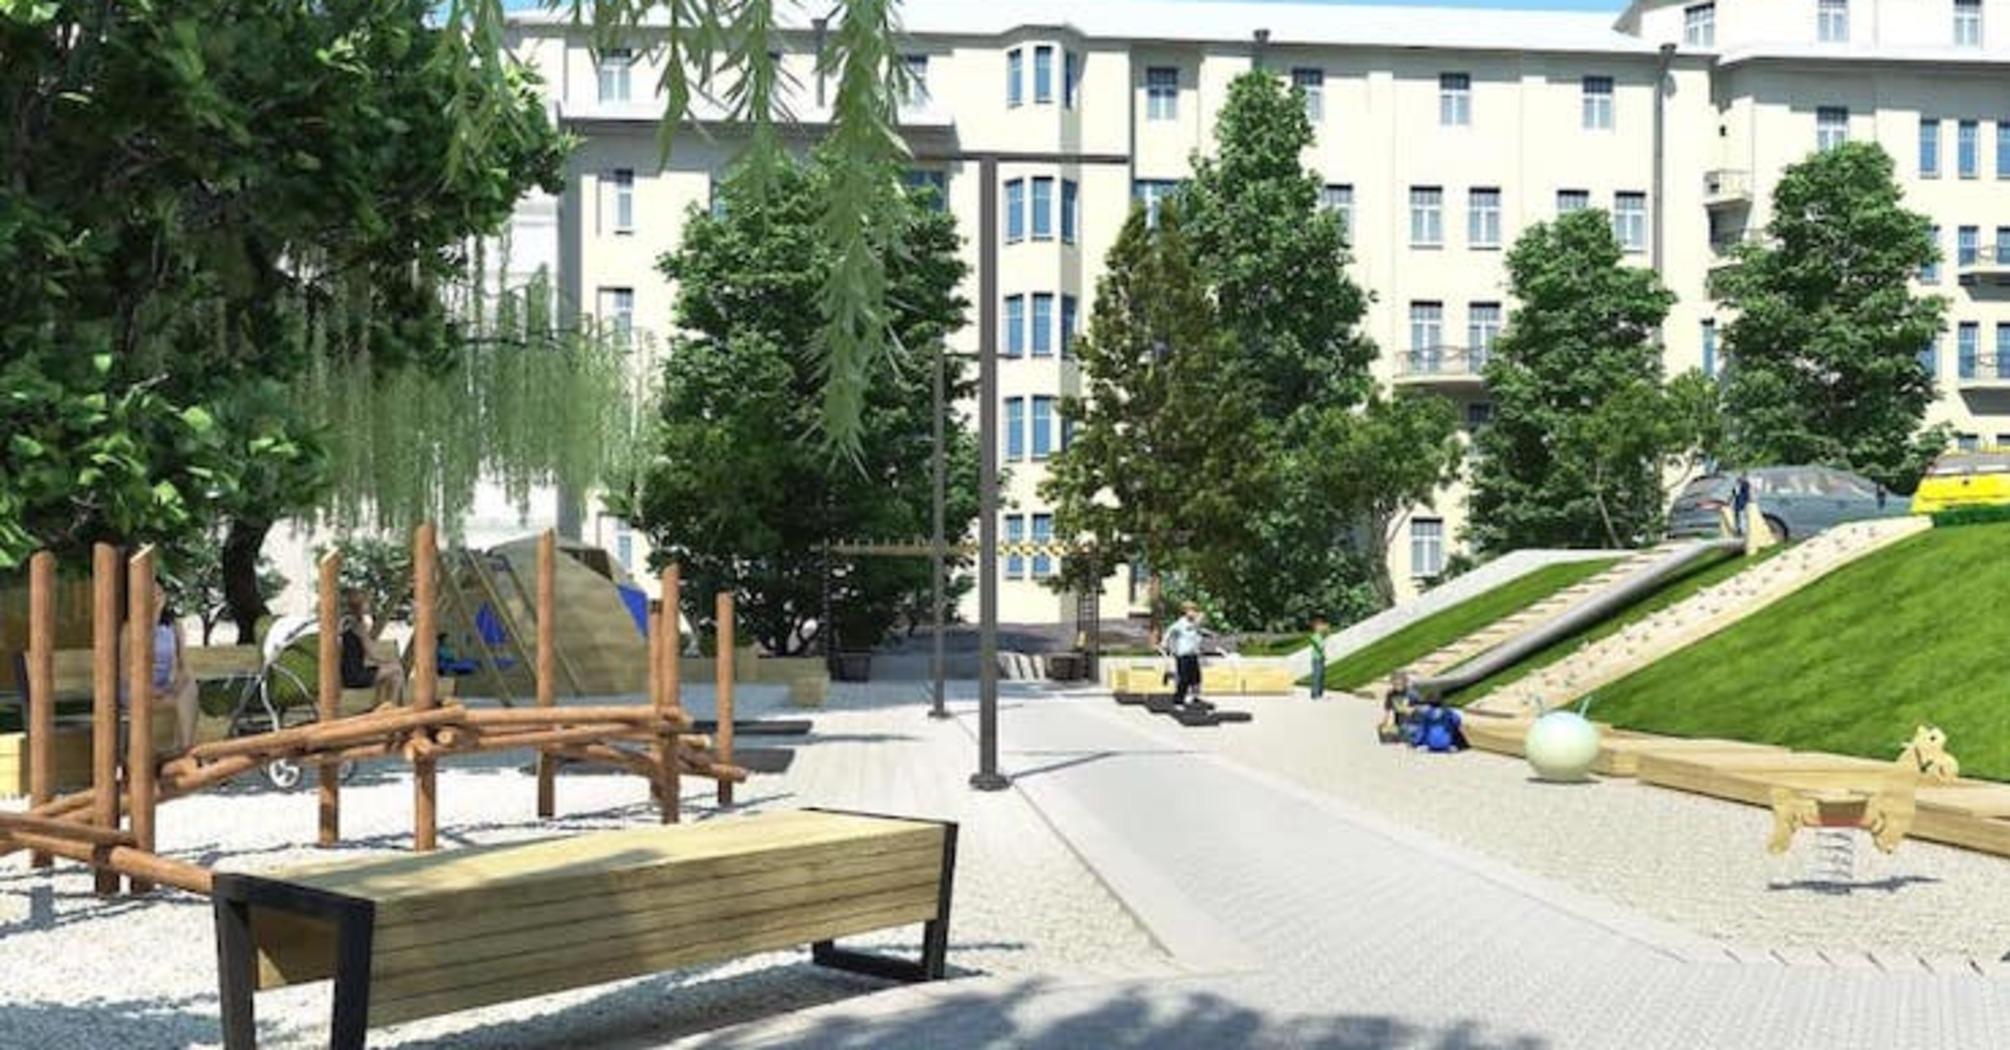 Активісти розробили проєкт реконструкції скверу на вулиці Бульварно-Кудрявській